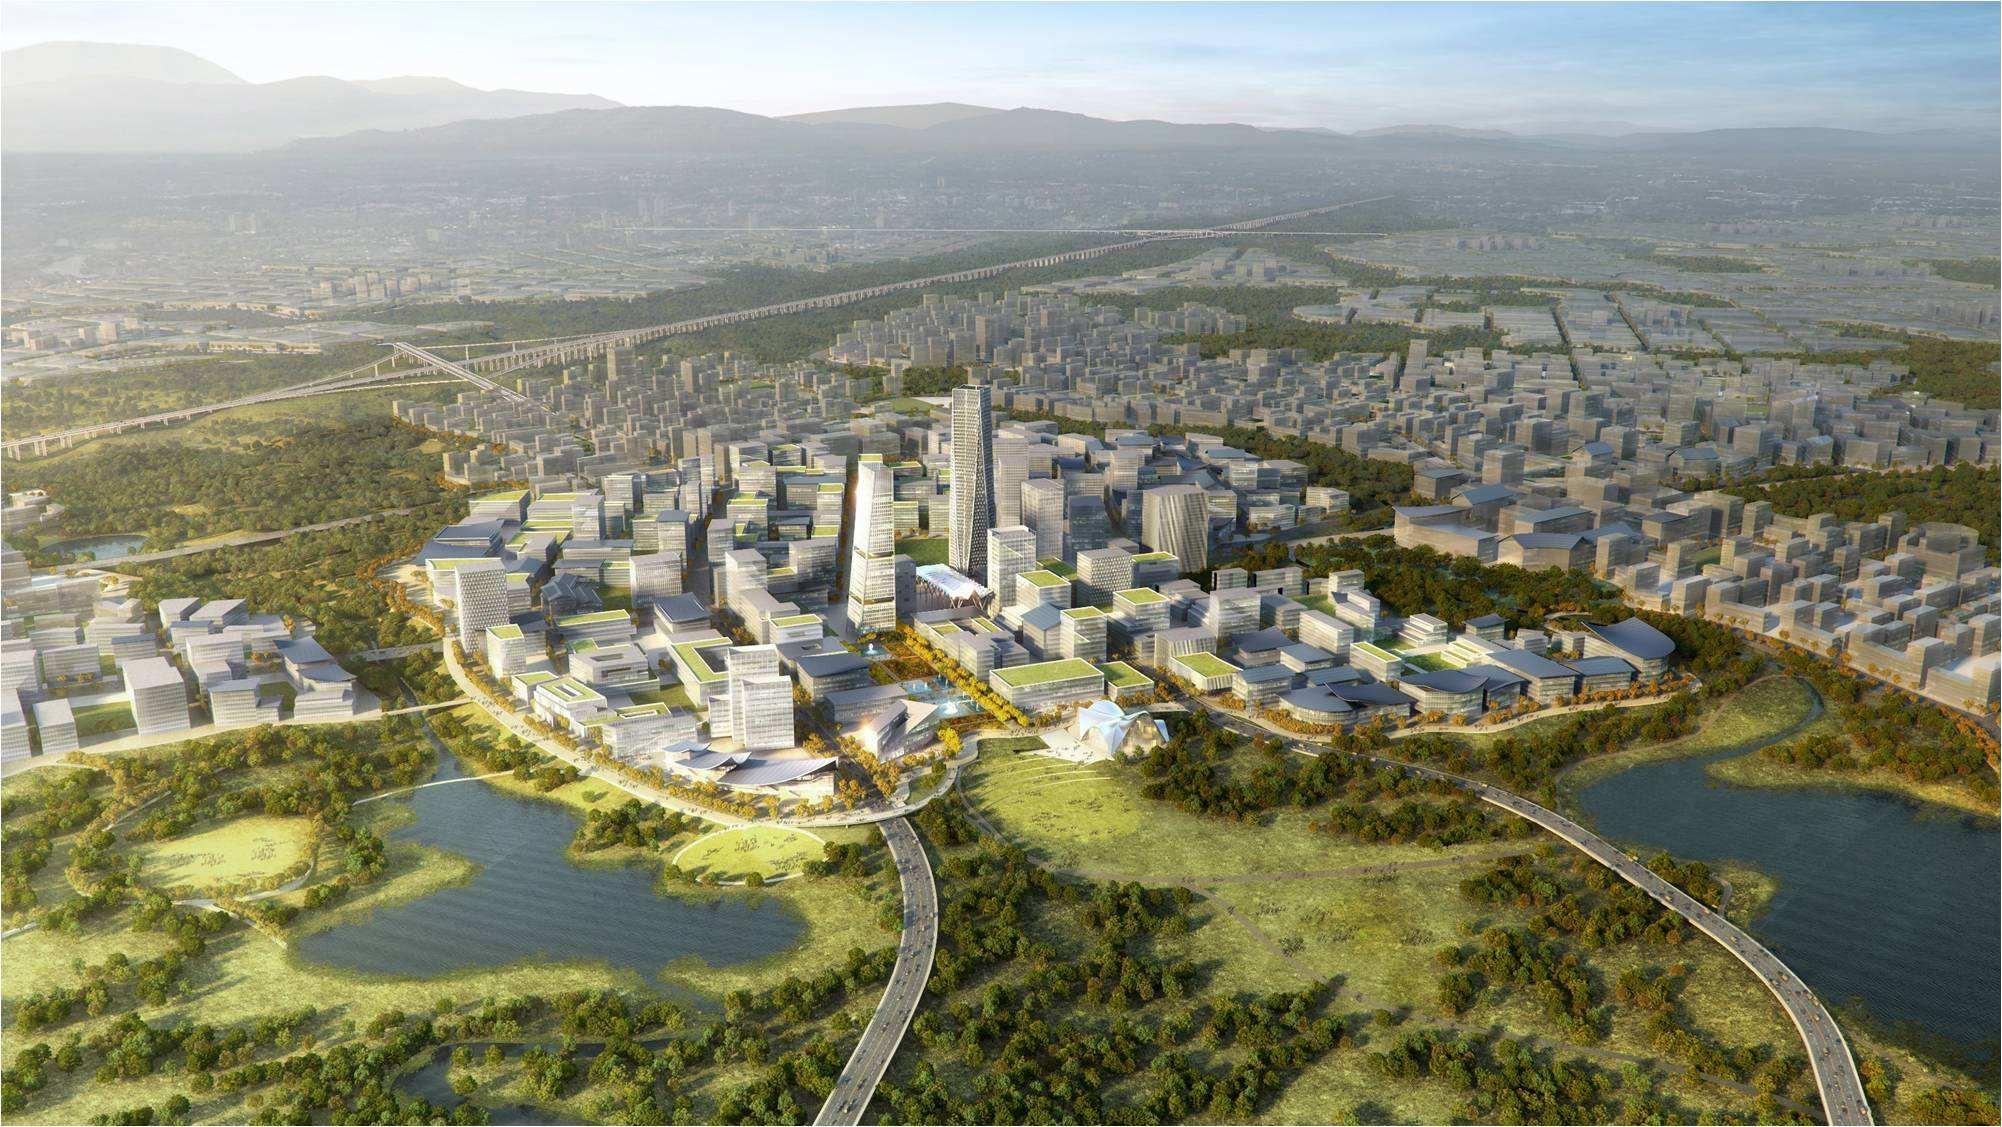 成都打造千亩中国科幻城 初步选址成都天府国际空港新城